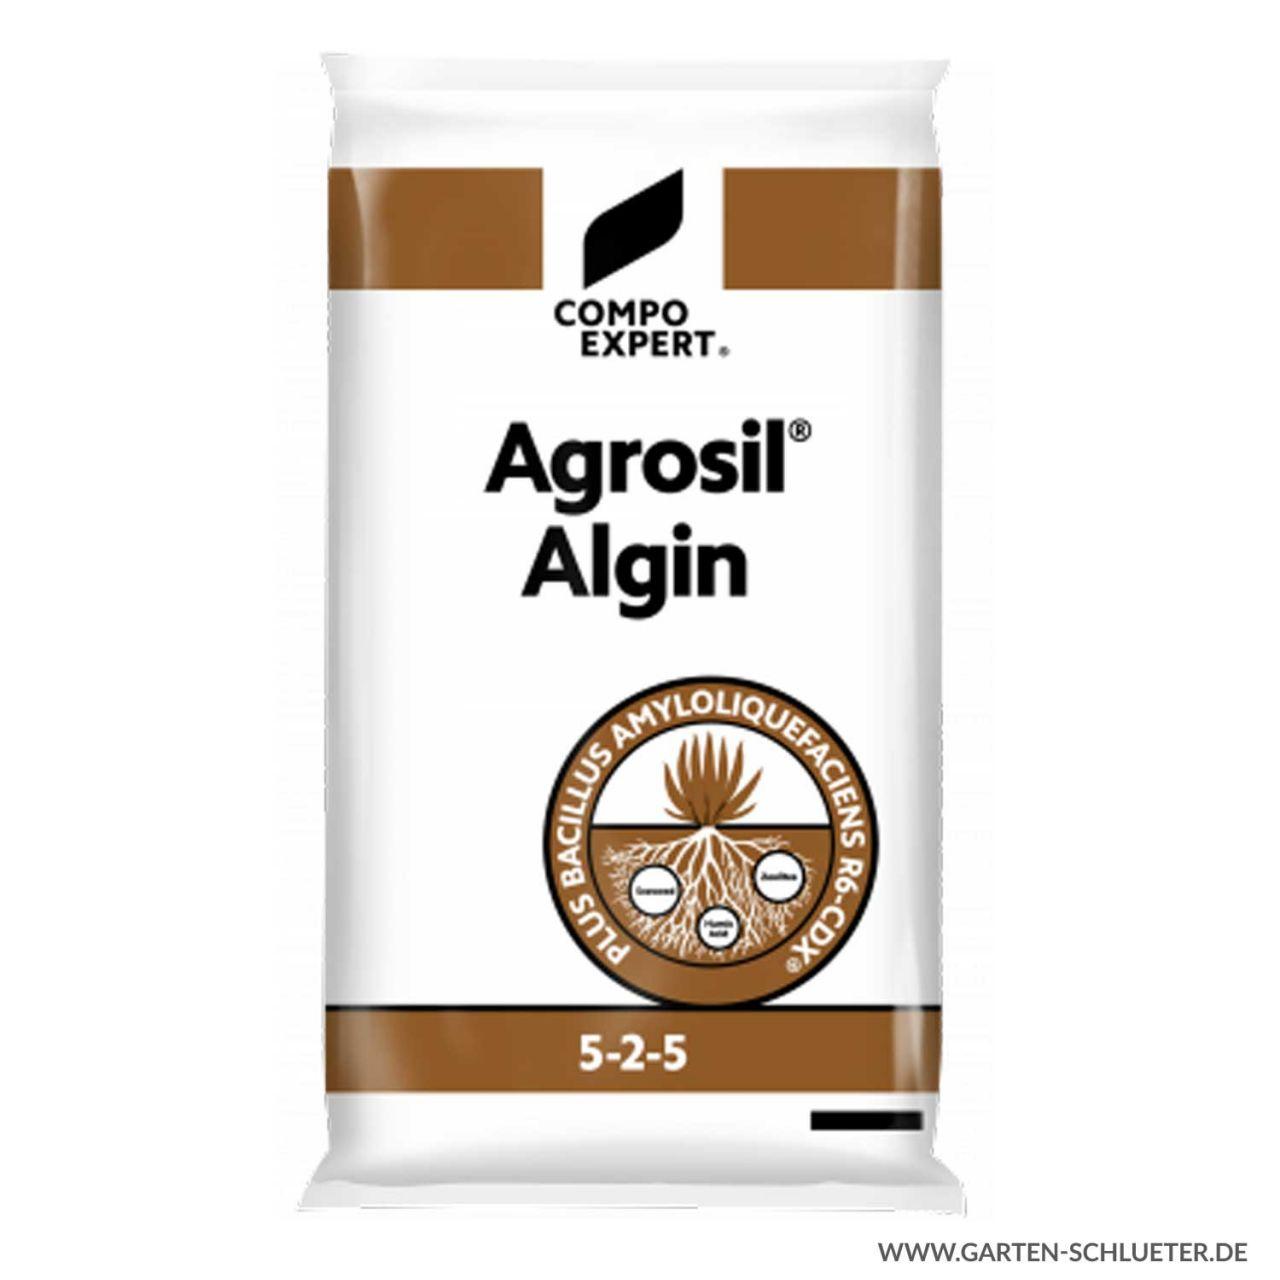 Spezialdünger und Bodenaktivator - Compo Expert® Agrosil® Algin 5-2-5 - 25 kg